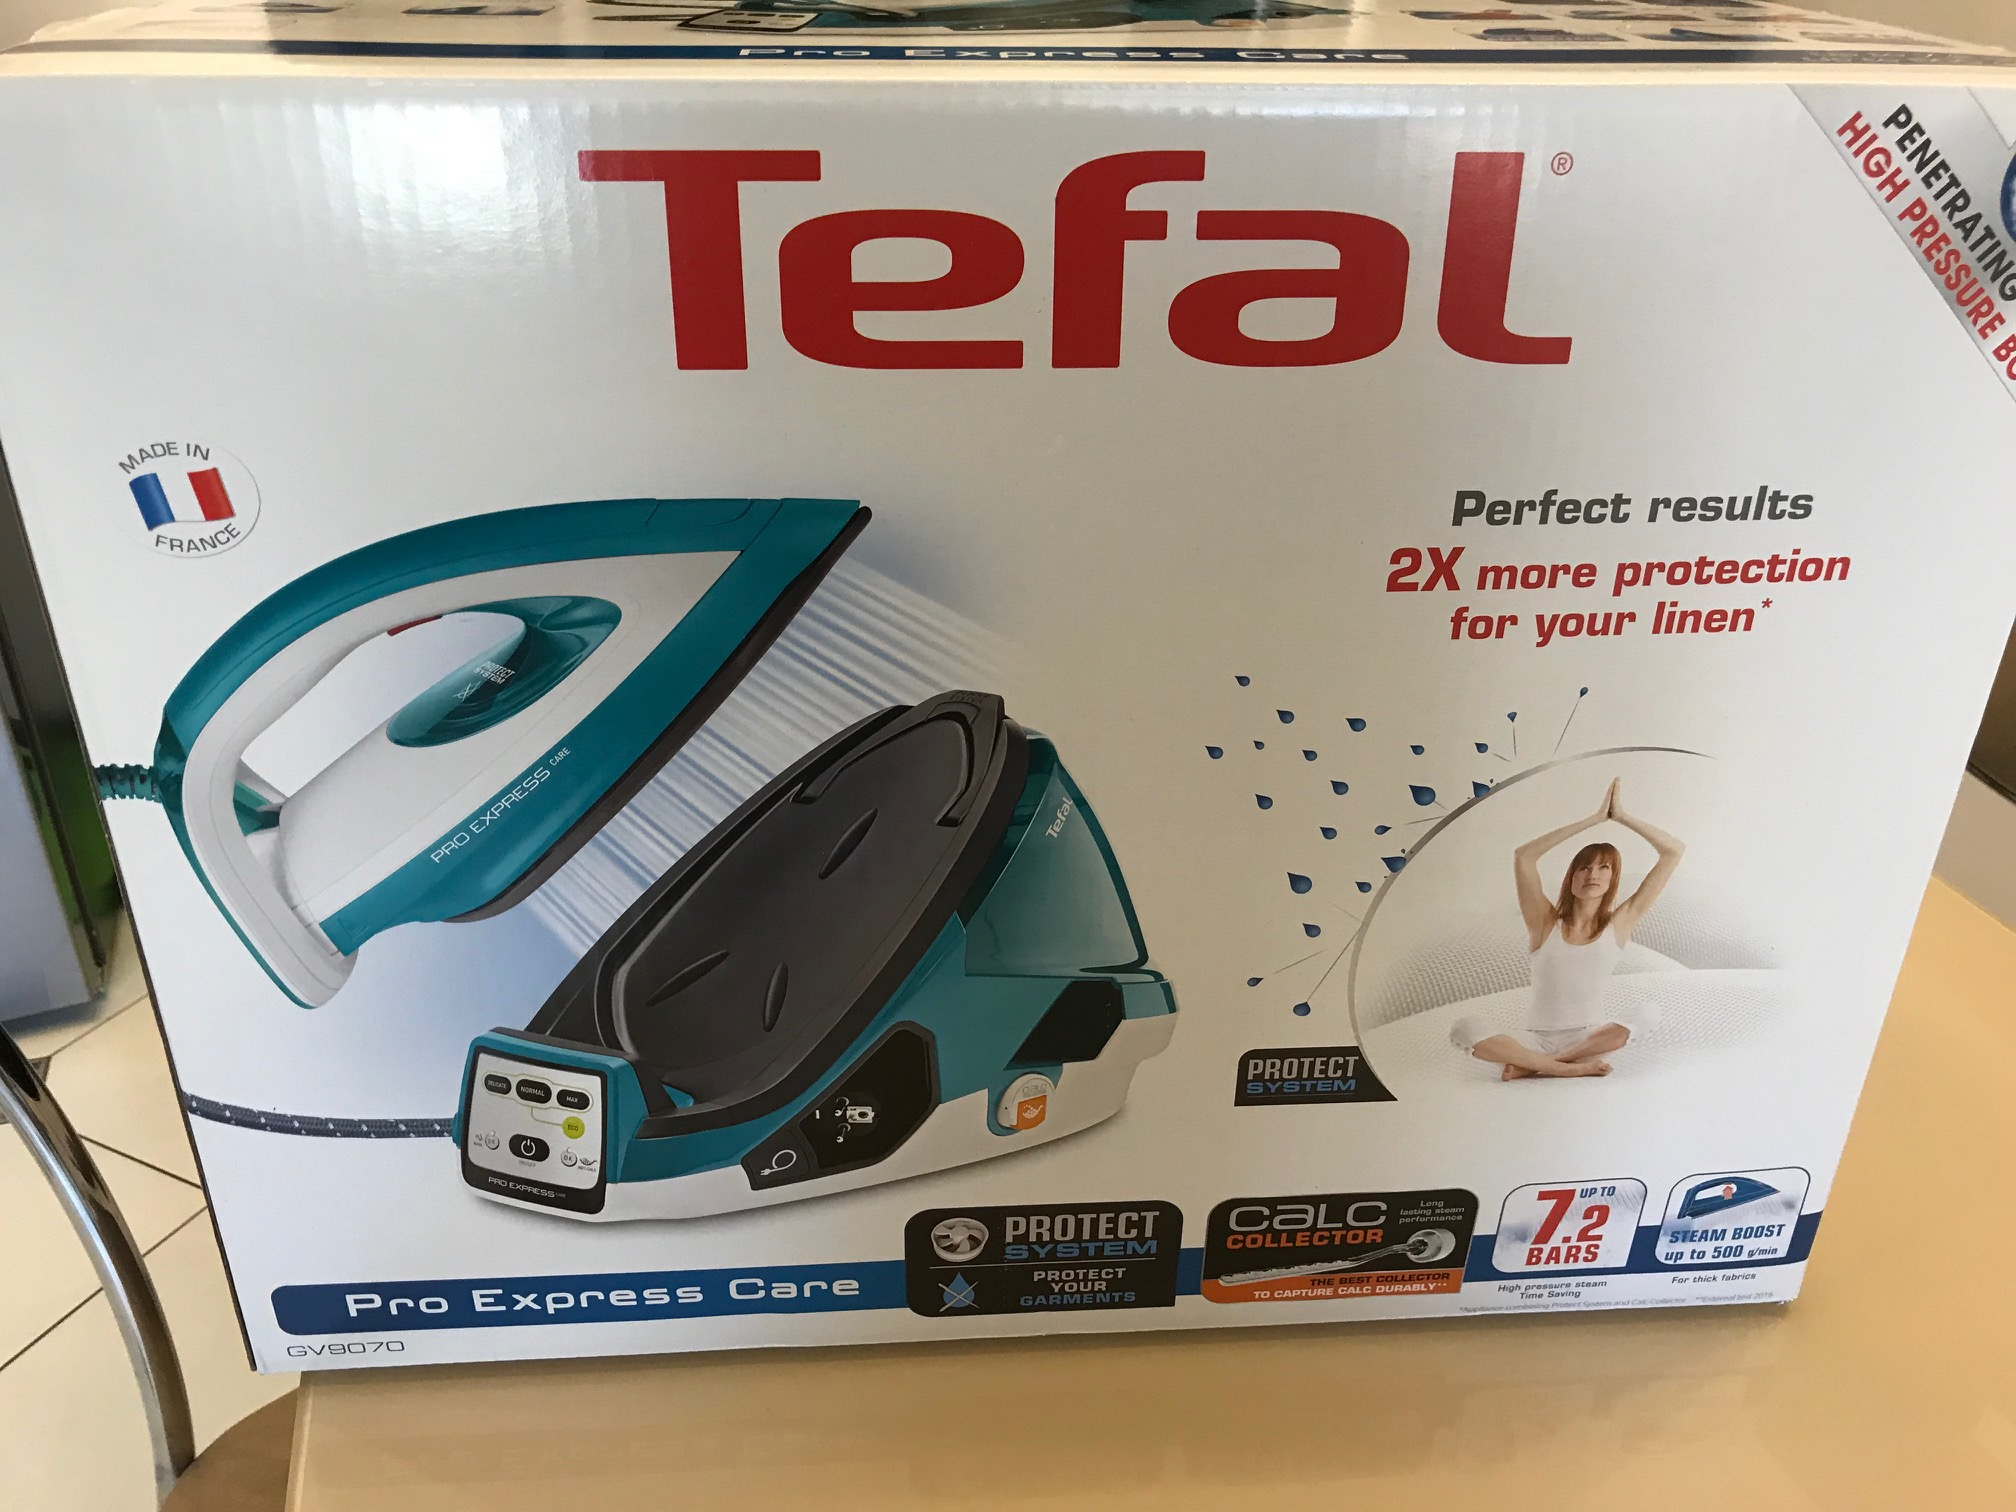 Tefal-GV9070-Pro-Express-Care